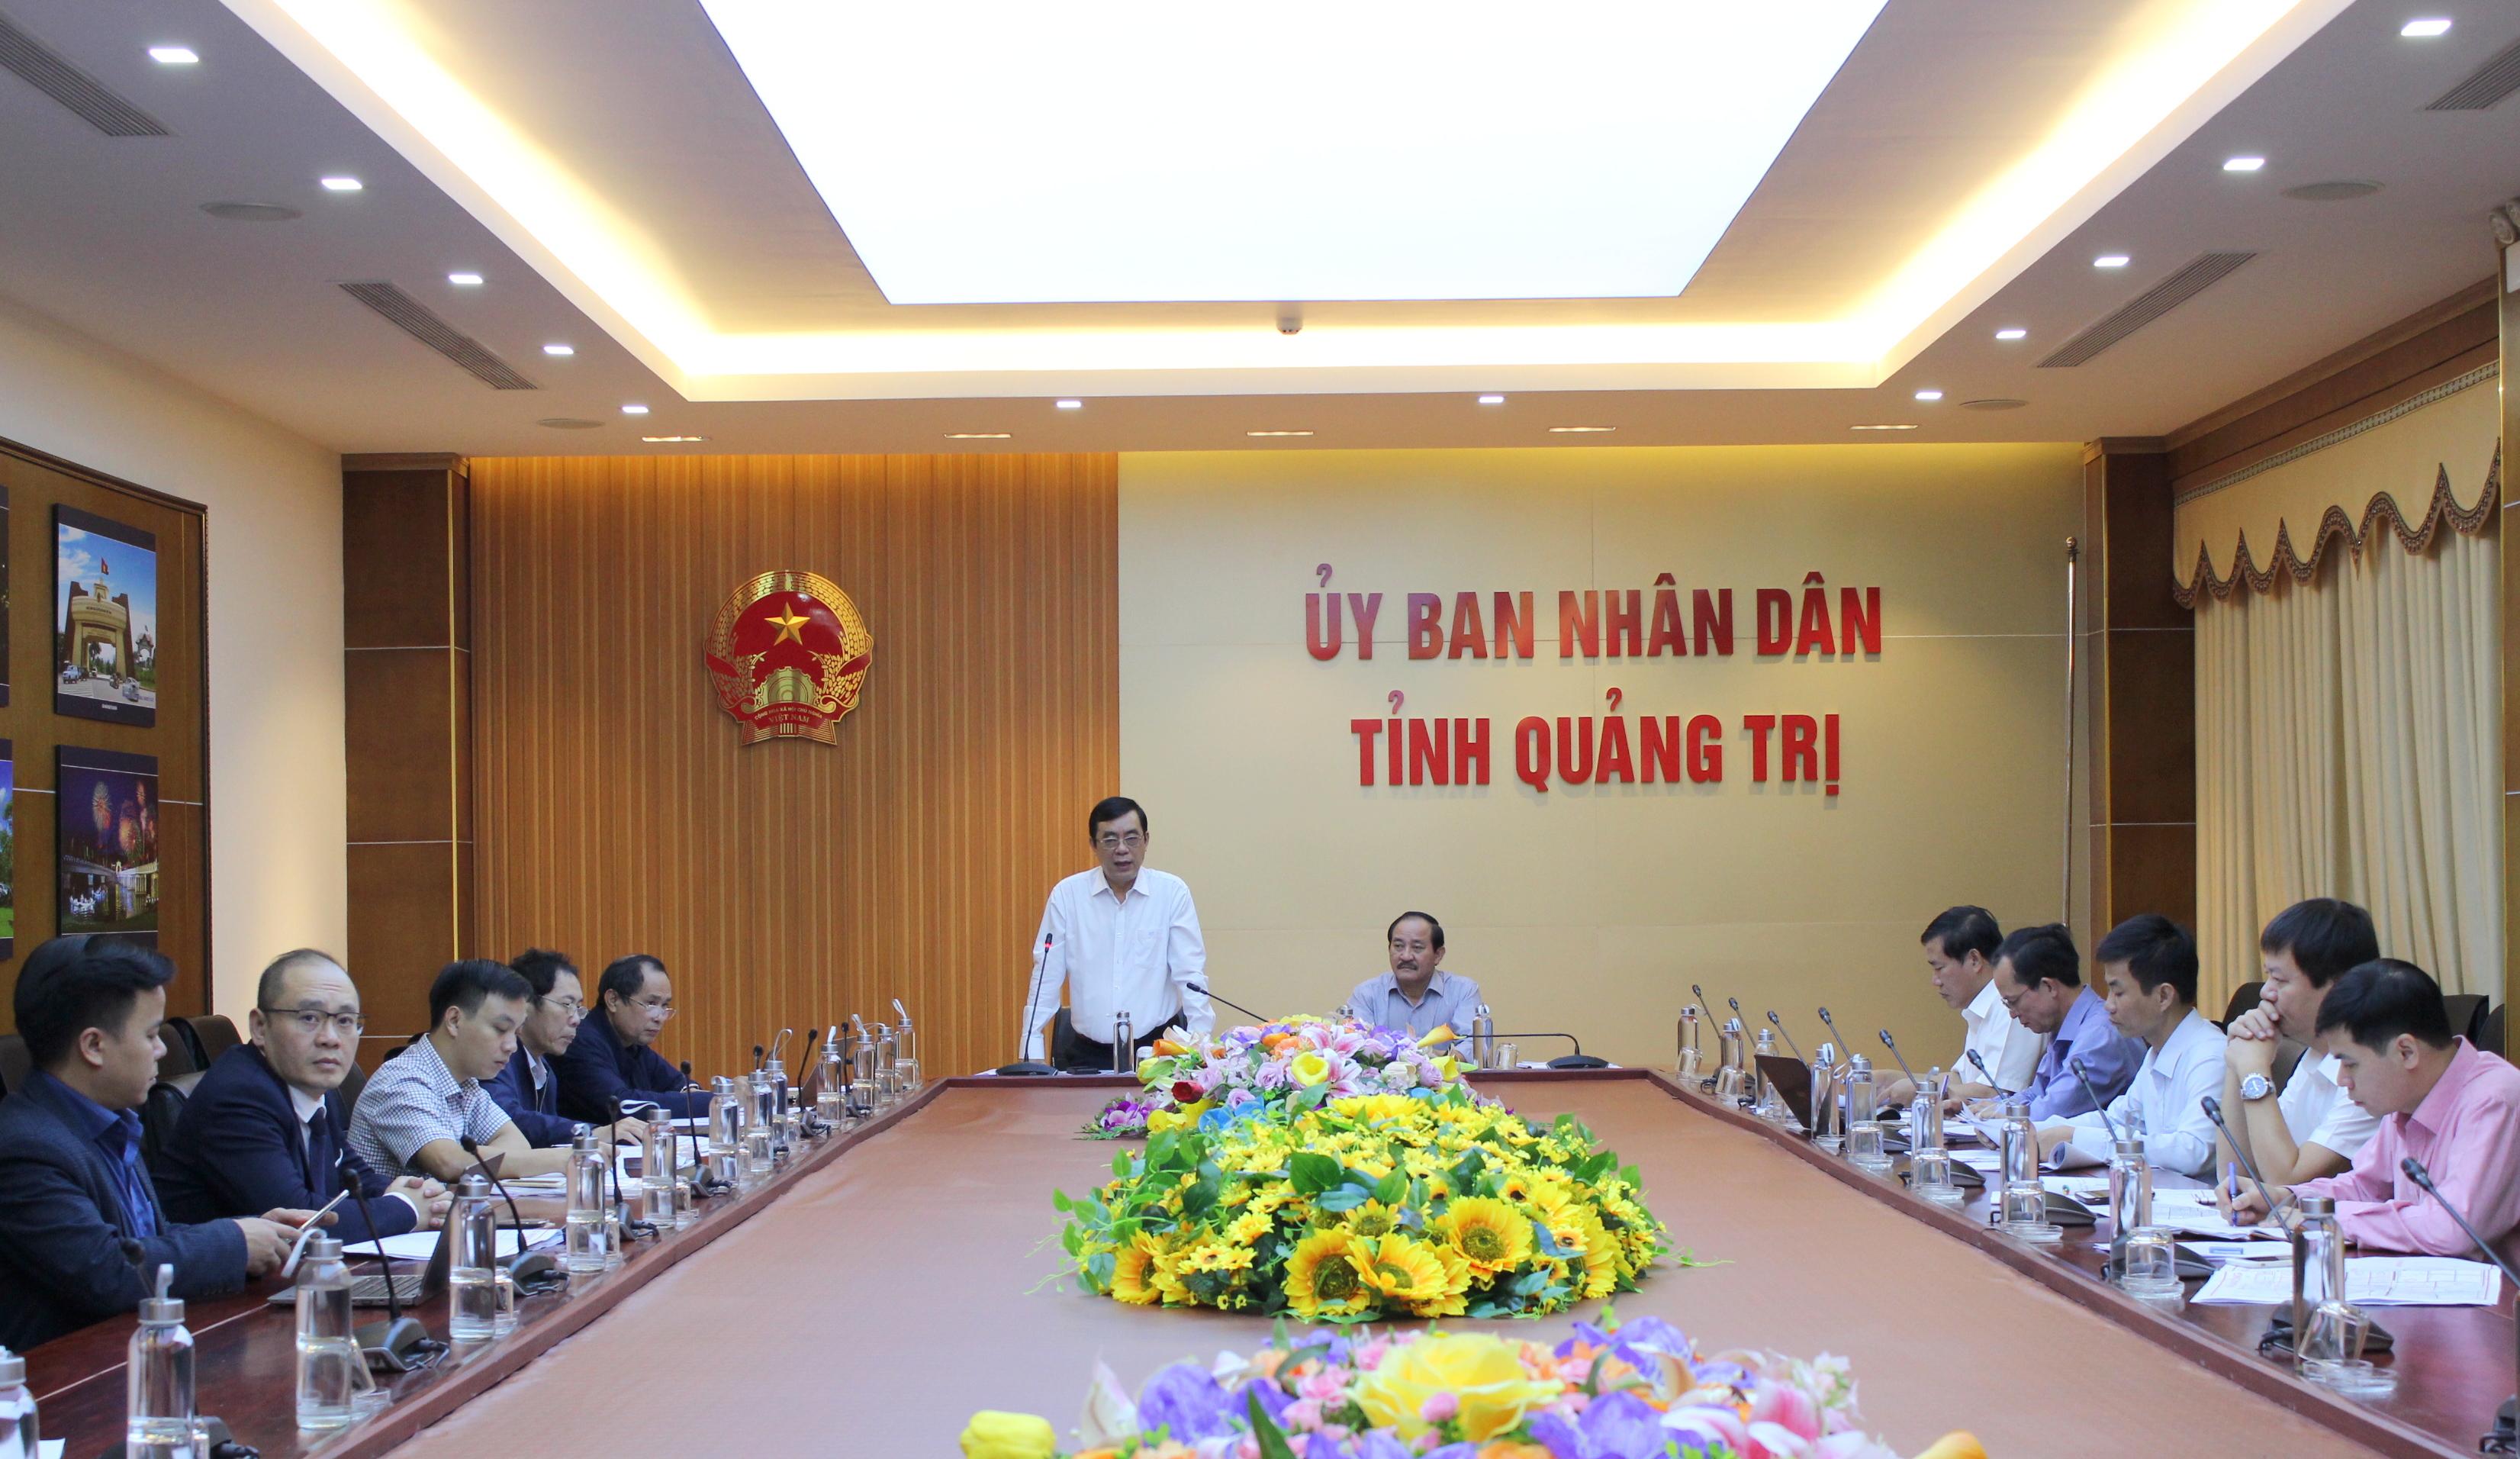 Ông Nguyễn Đức Chính, Chủ tịch UBND tỉnh đề nghị phía Liên danh Công ty Tài Tâm xác định lại quy mô và diện tích đất sát với thực tế Dự án.